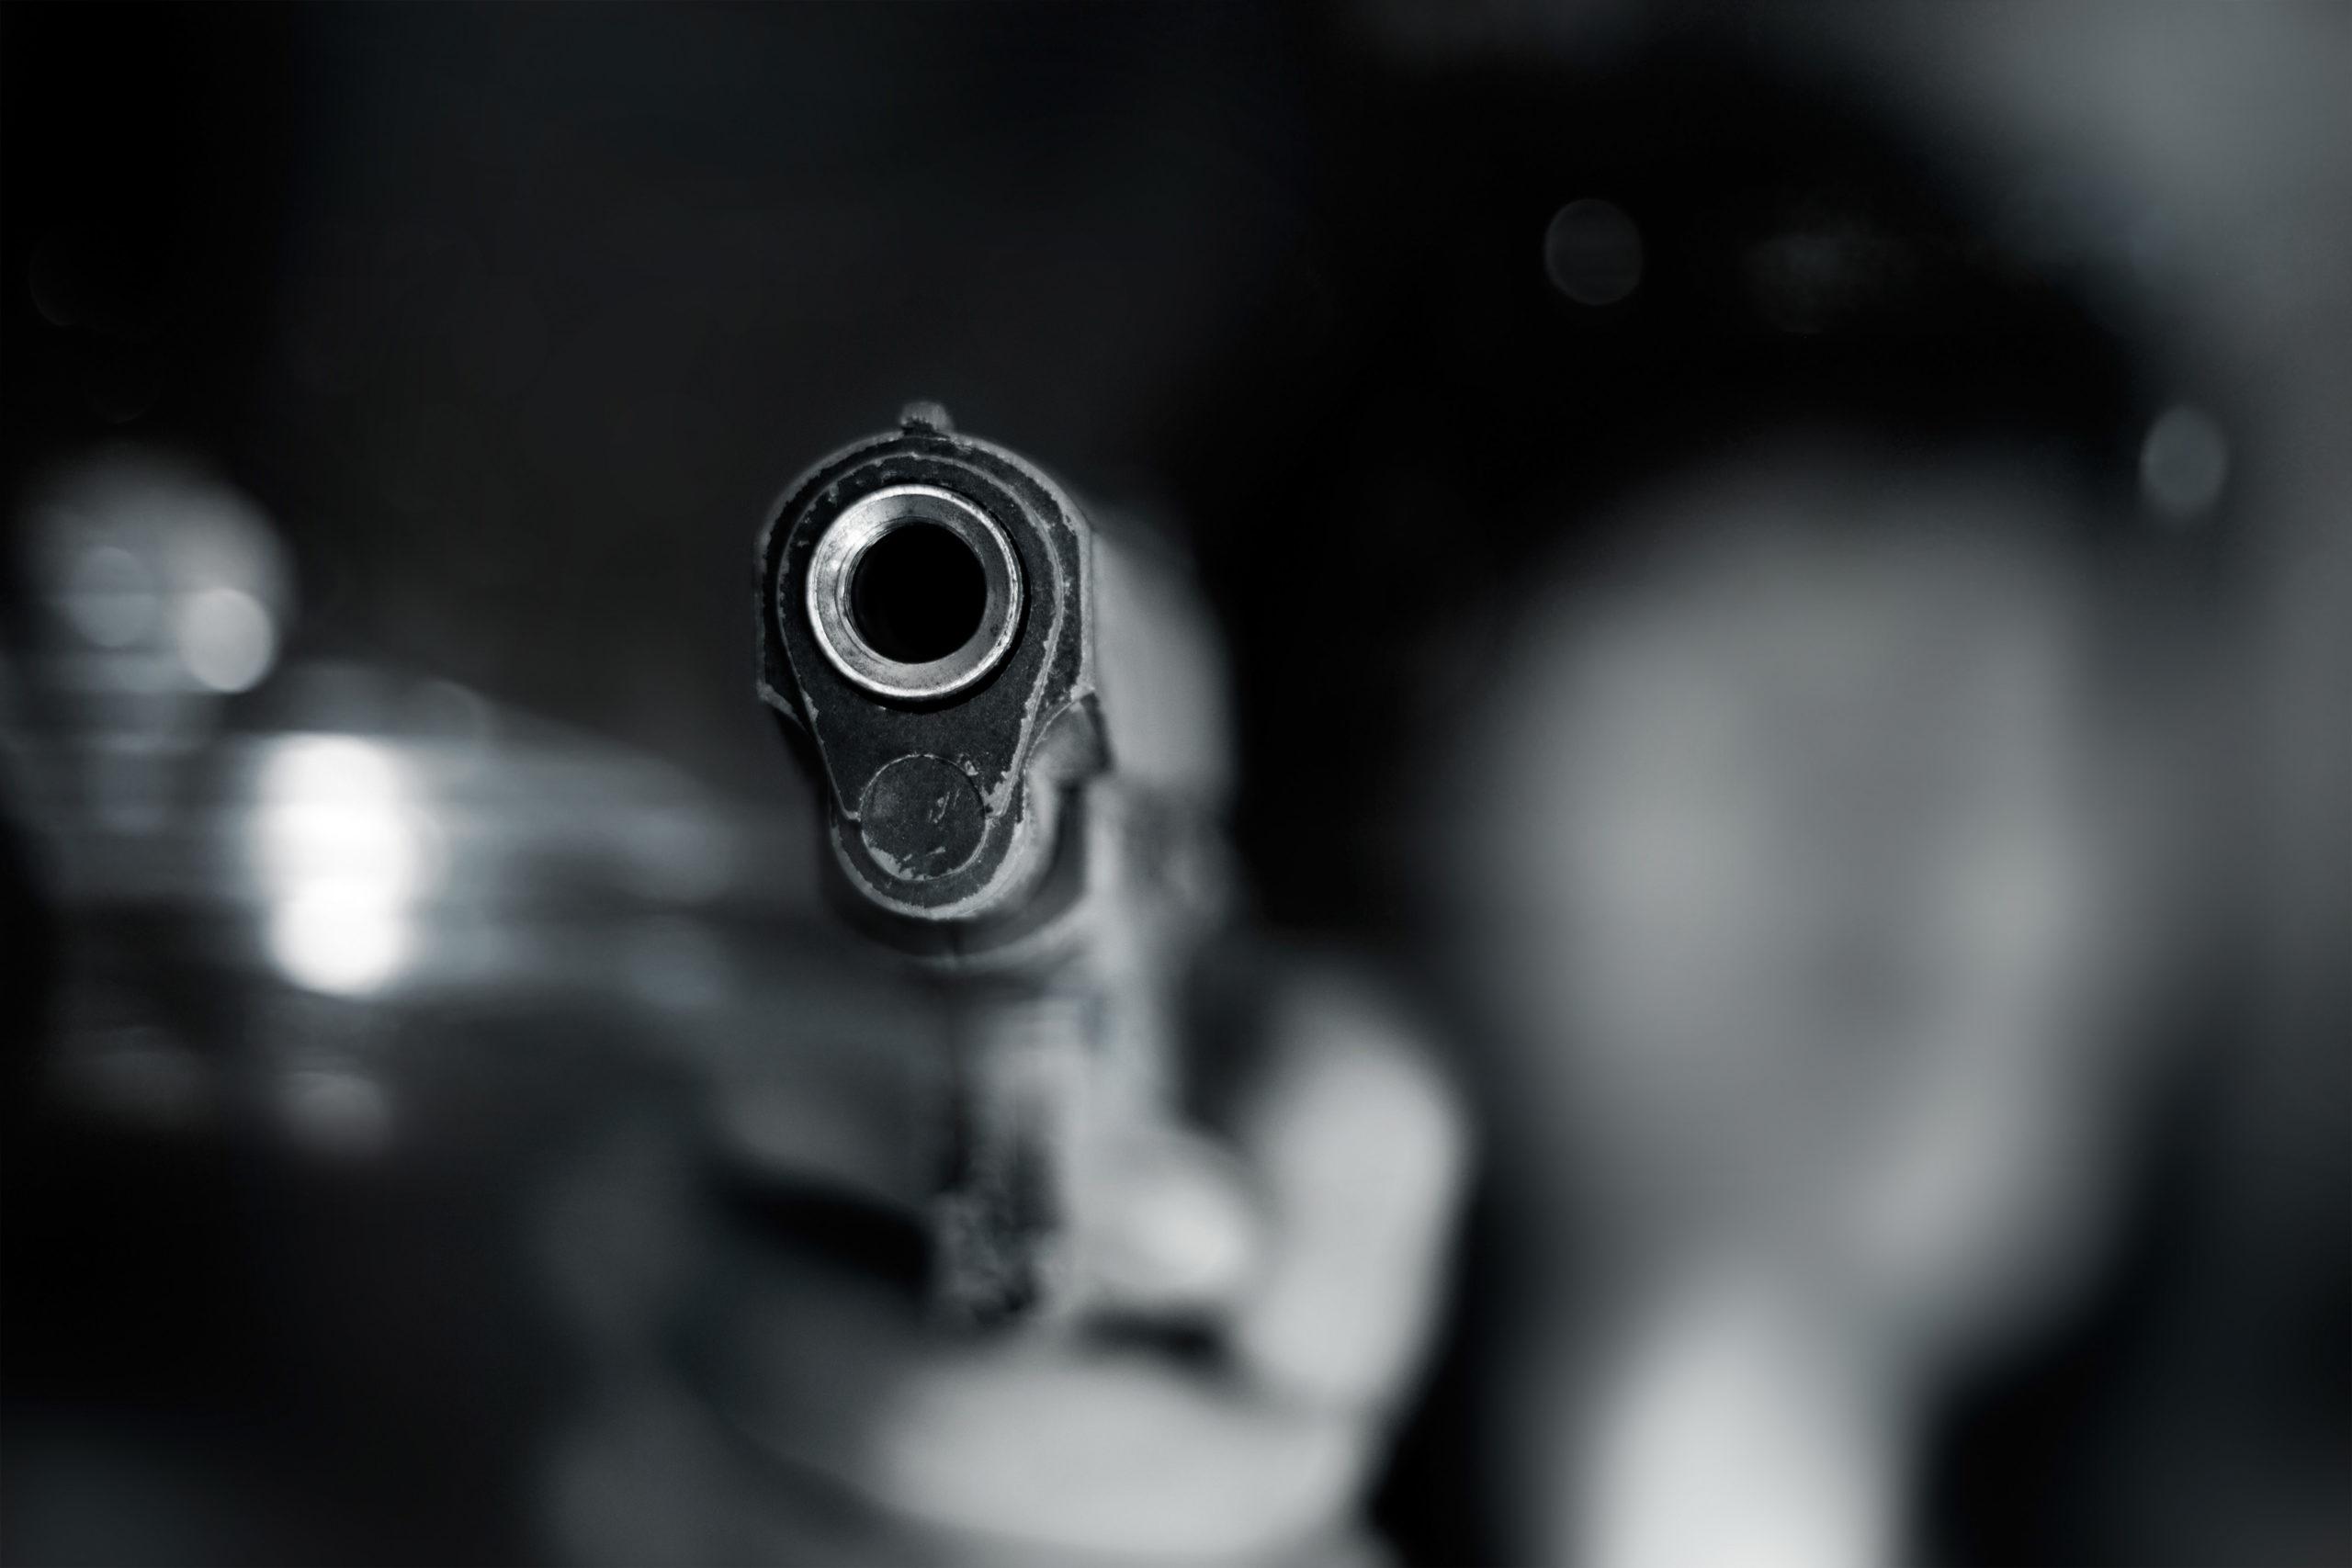 A férfi kettős gyilkosságot követett el